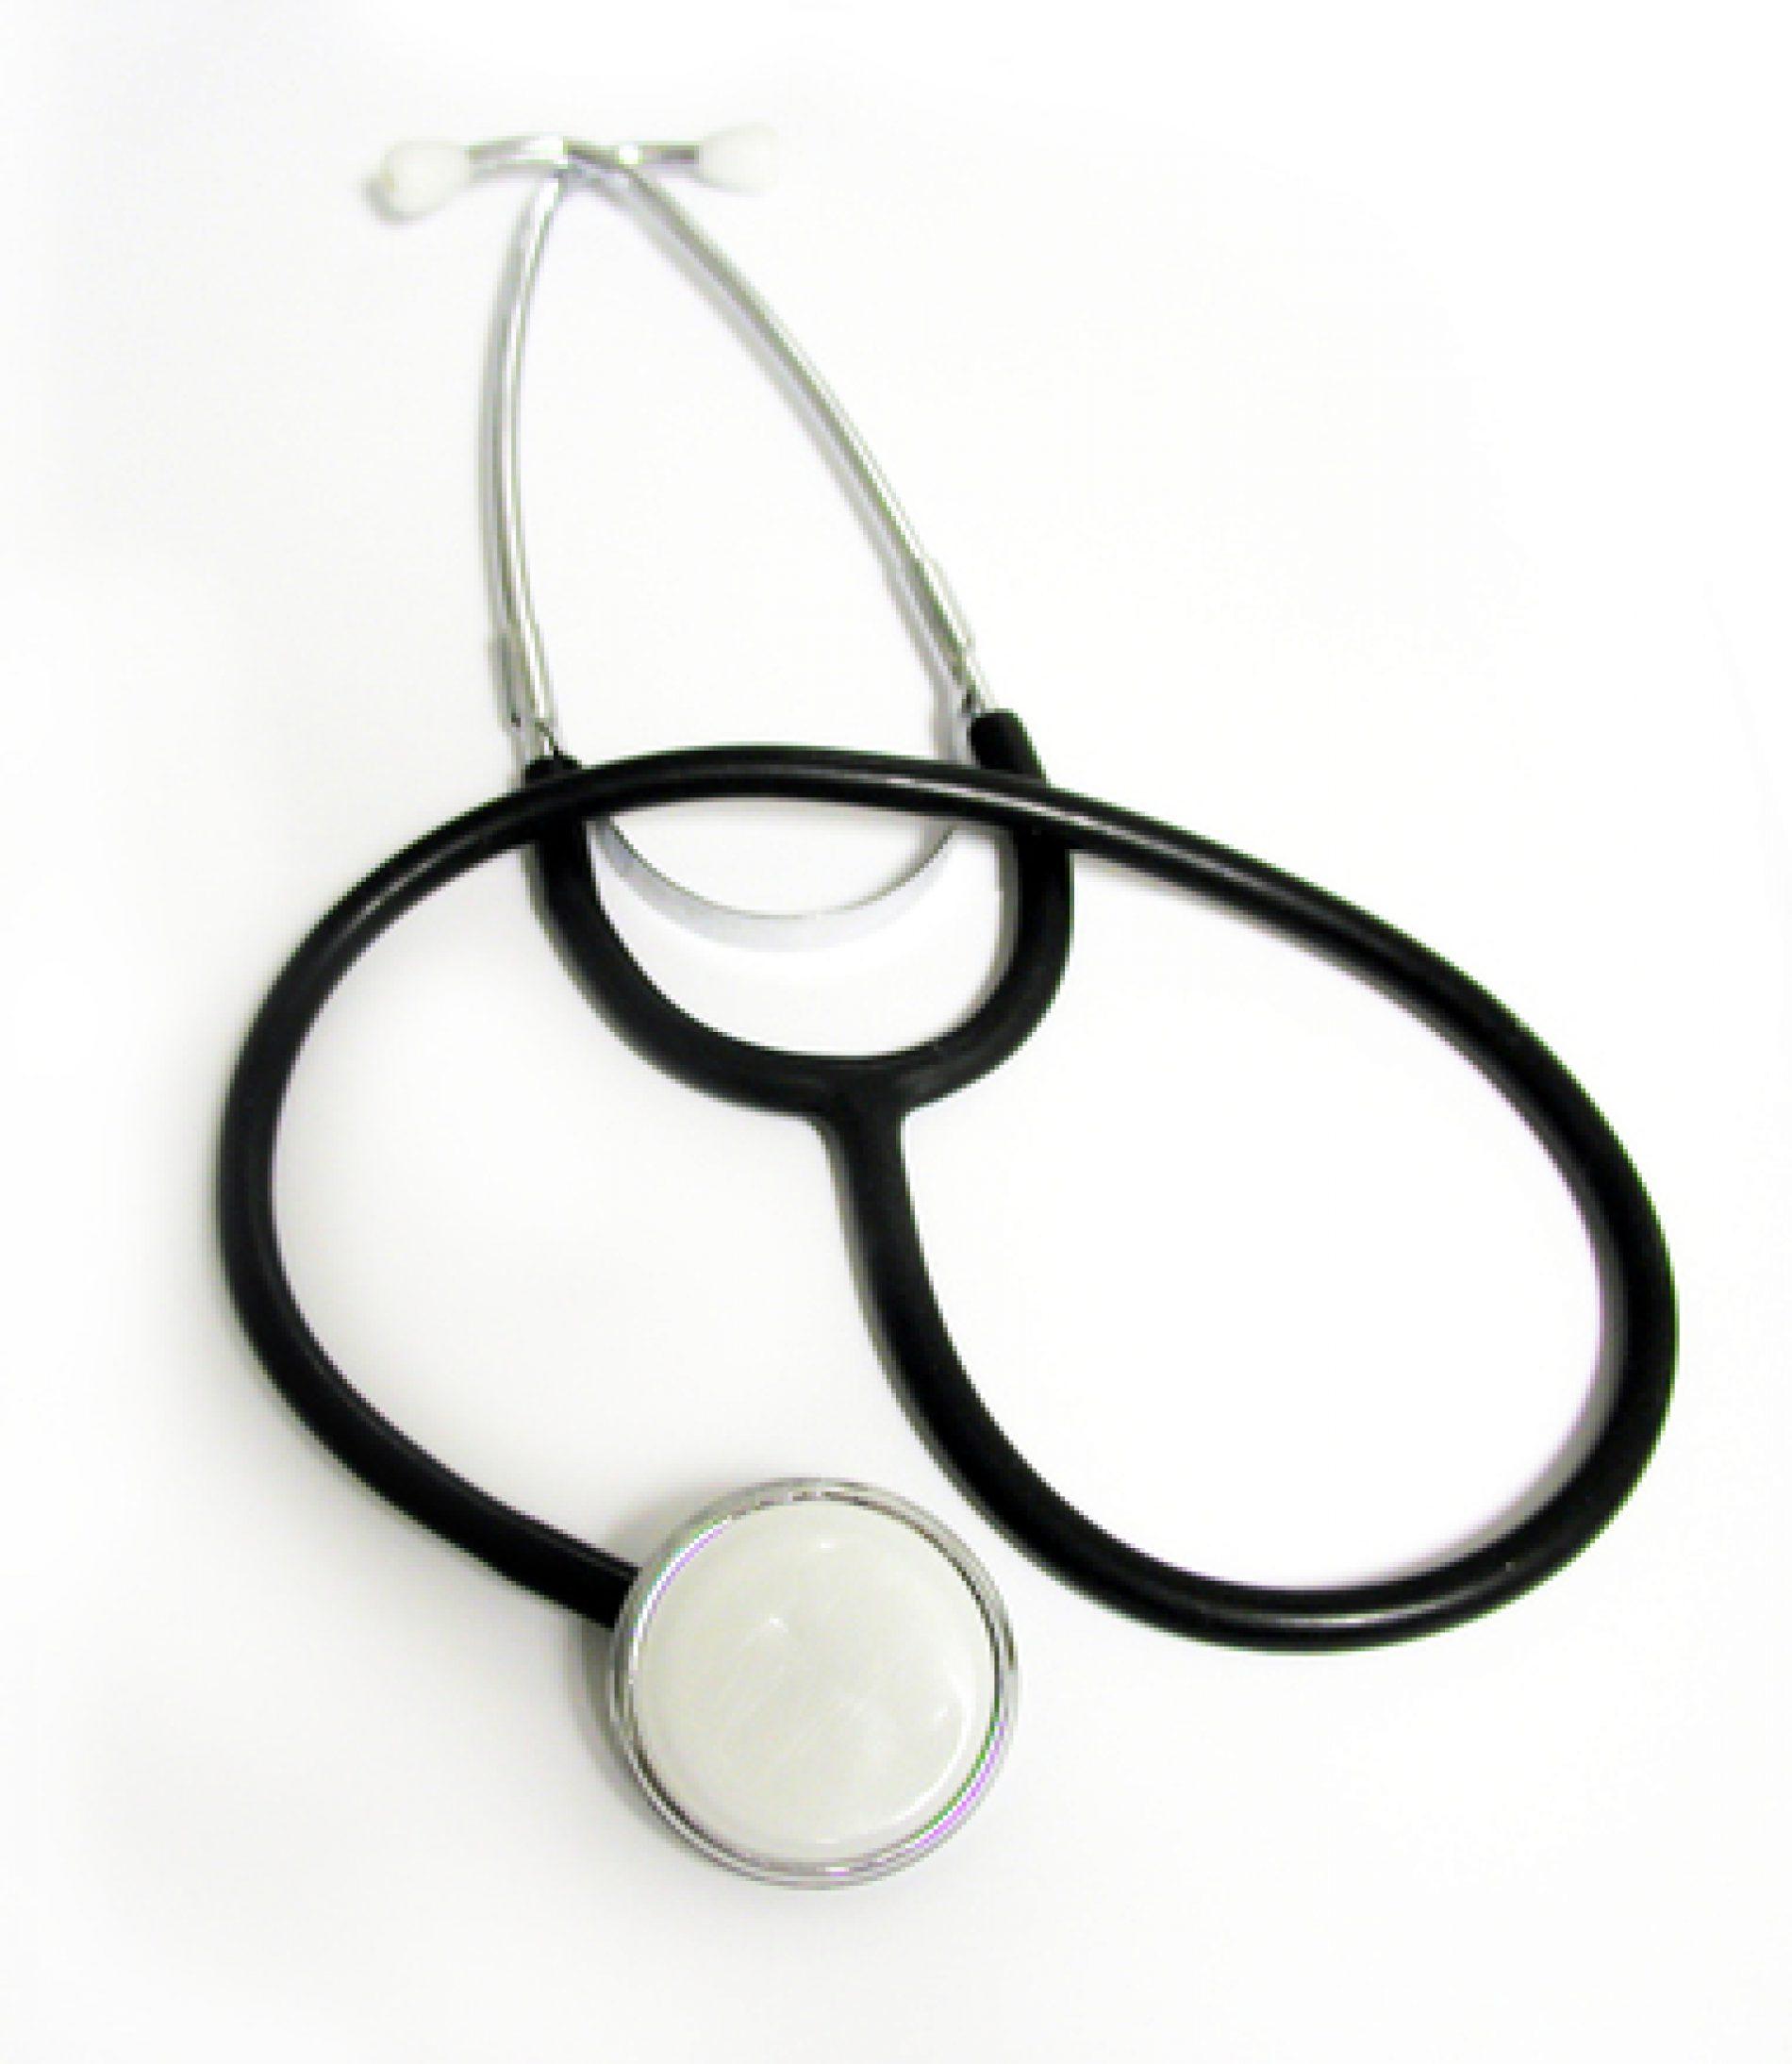 W regionie rośnie liczba zachorowań na grypę